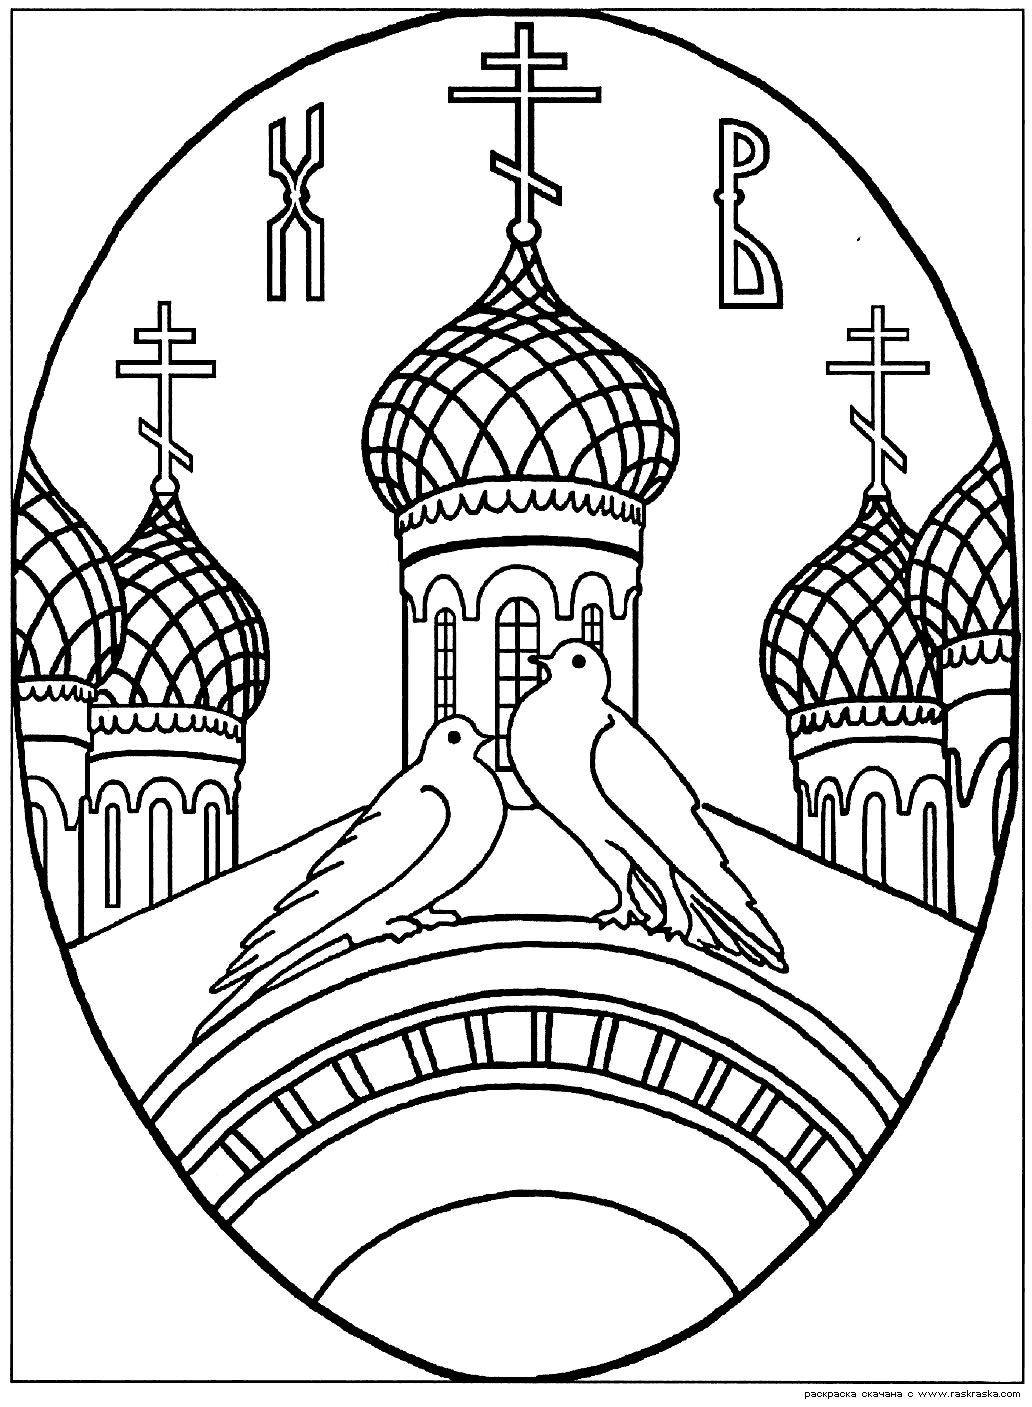 Картинка храма для выжигания